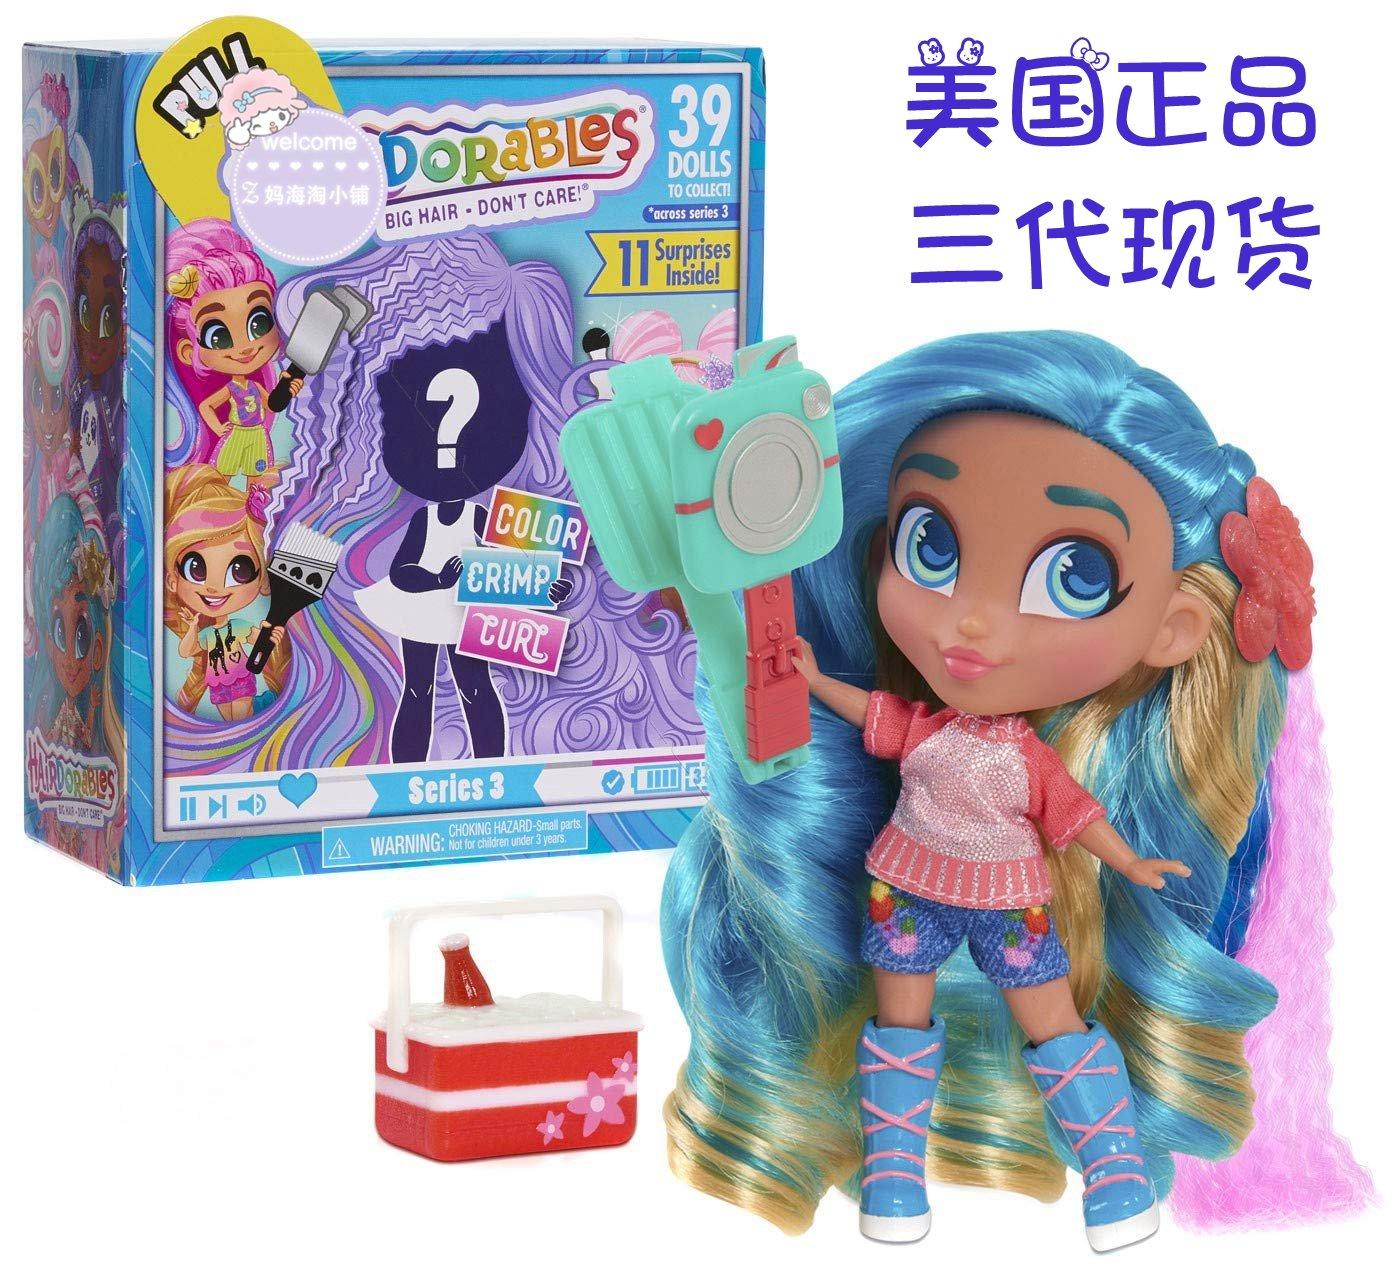 美国正版美发娃娃一代二代三代惊喜盲盒公仔玩具女孩男孩礼物